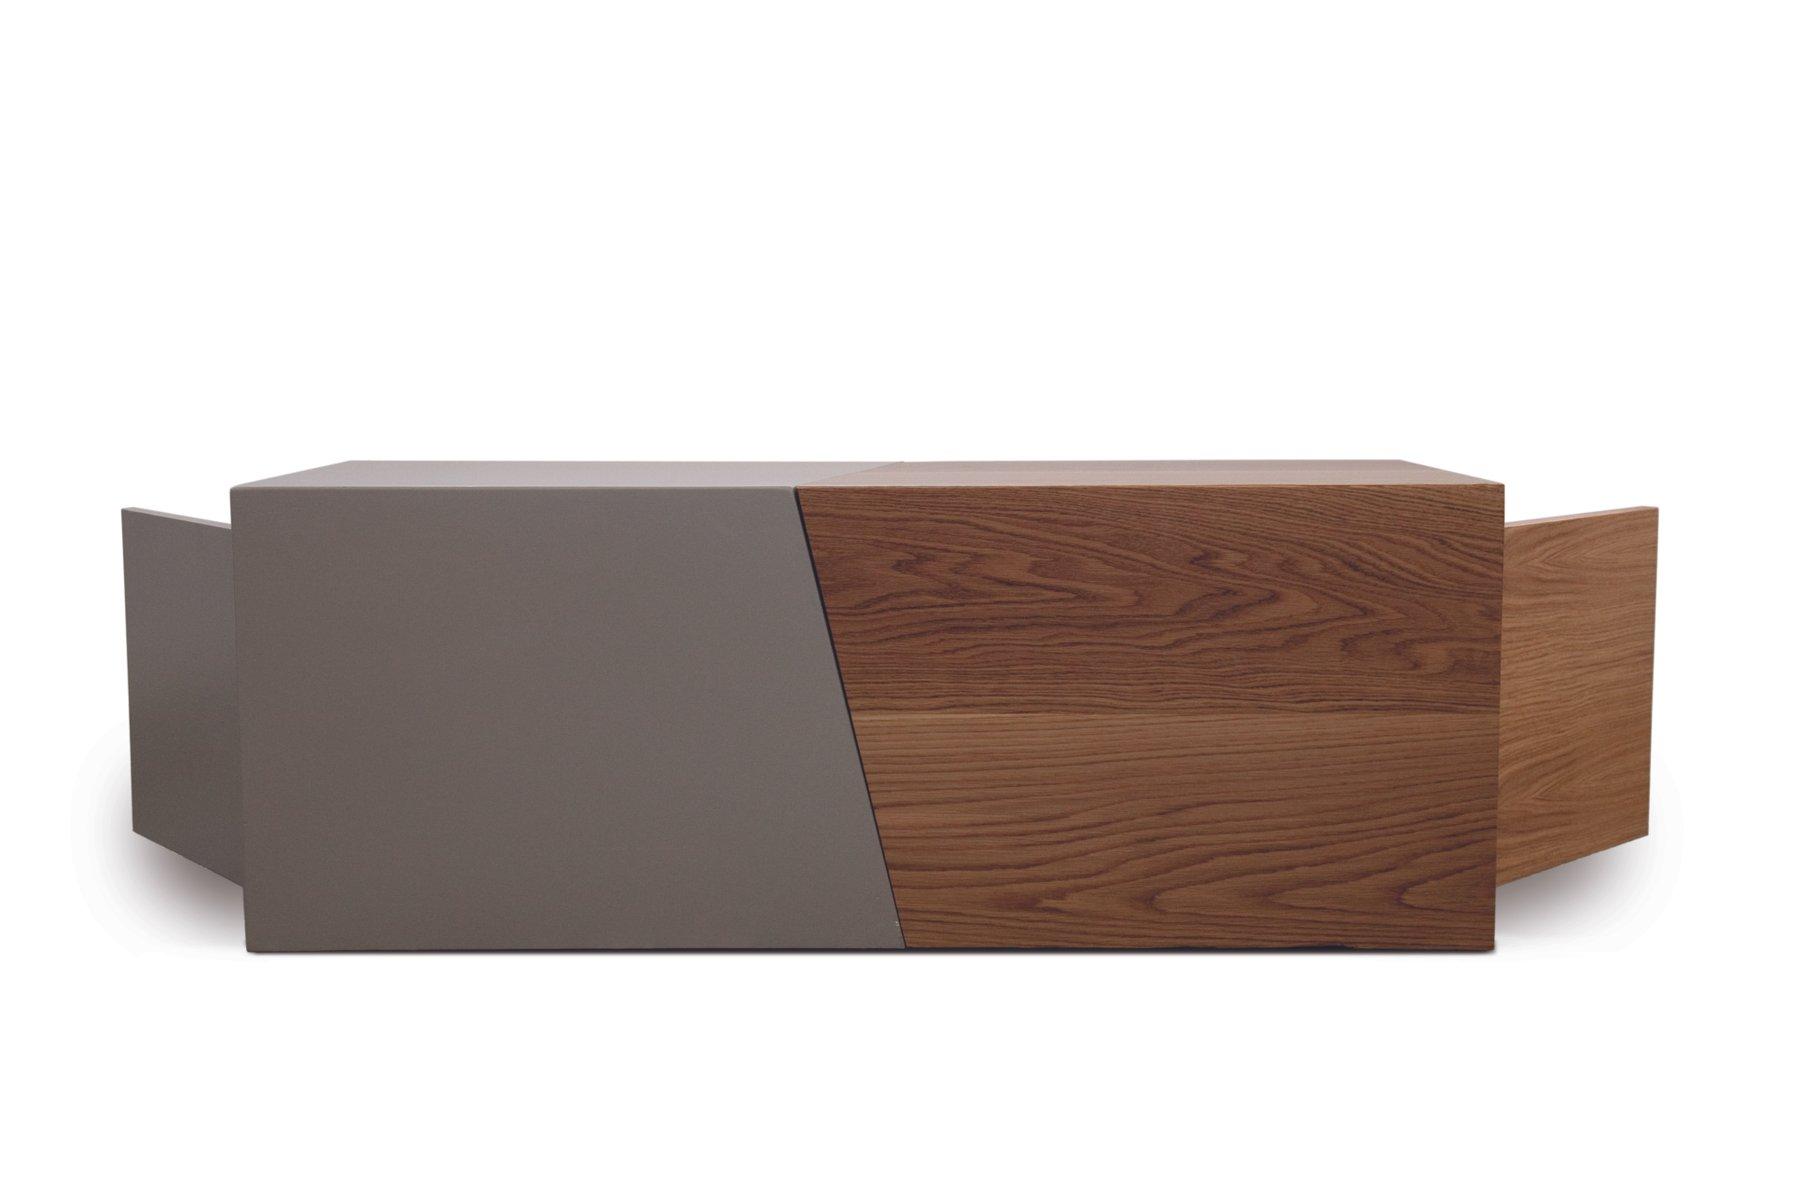 composition couchtisch aus holz mit beigen lack von maria vidali bei pamono kaufen. Black Bedroom Furniture Sets. Home Design Ideas